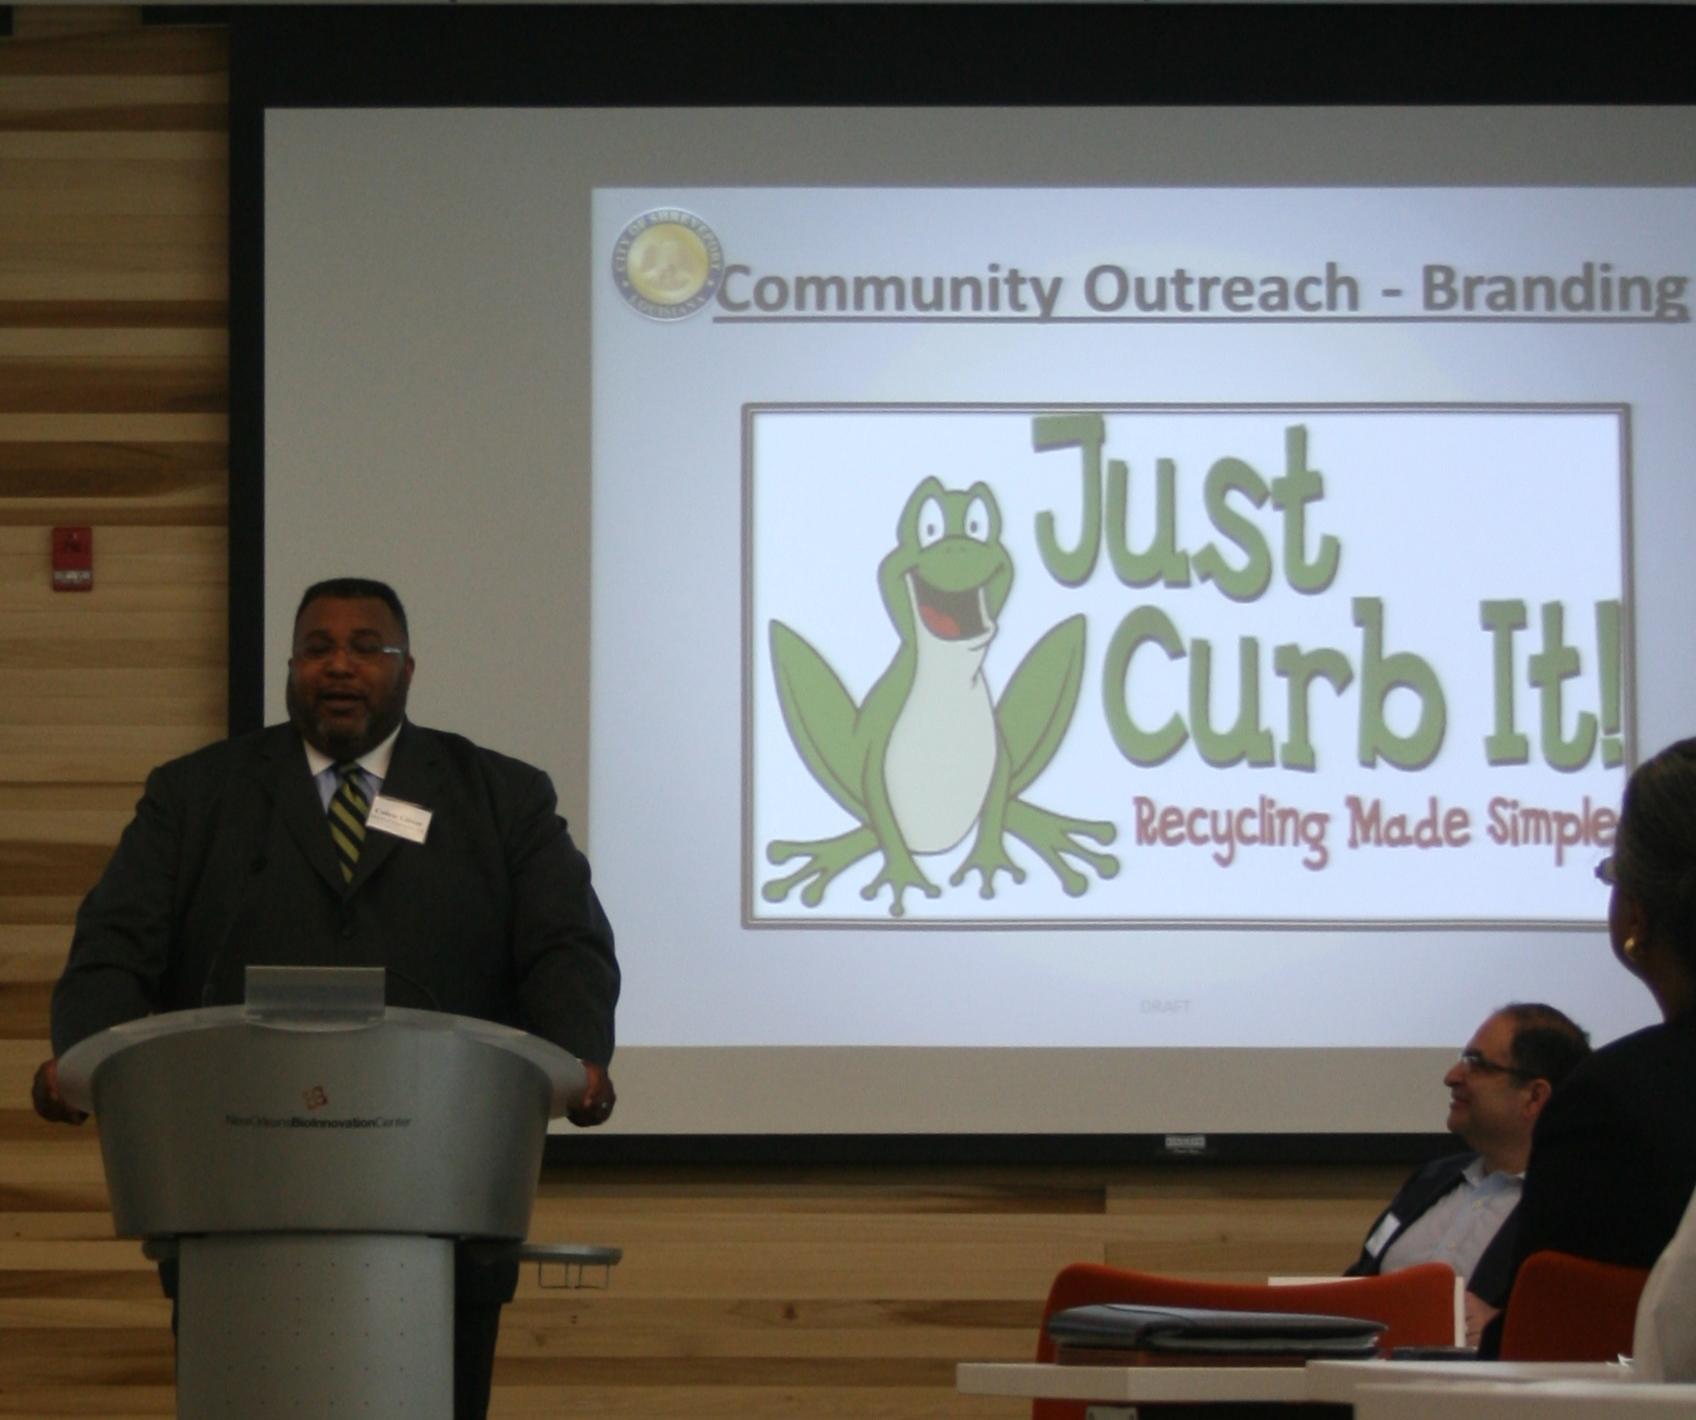 Presentation by the mayor of Shreveport.